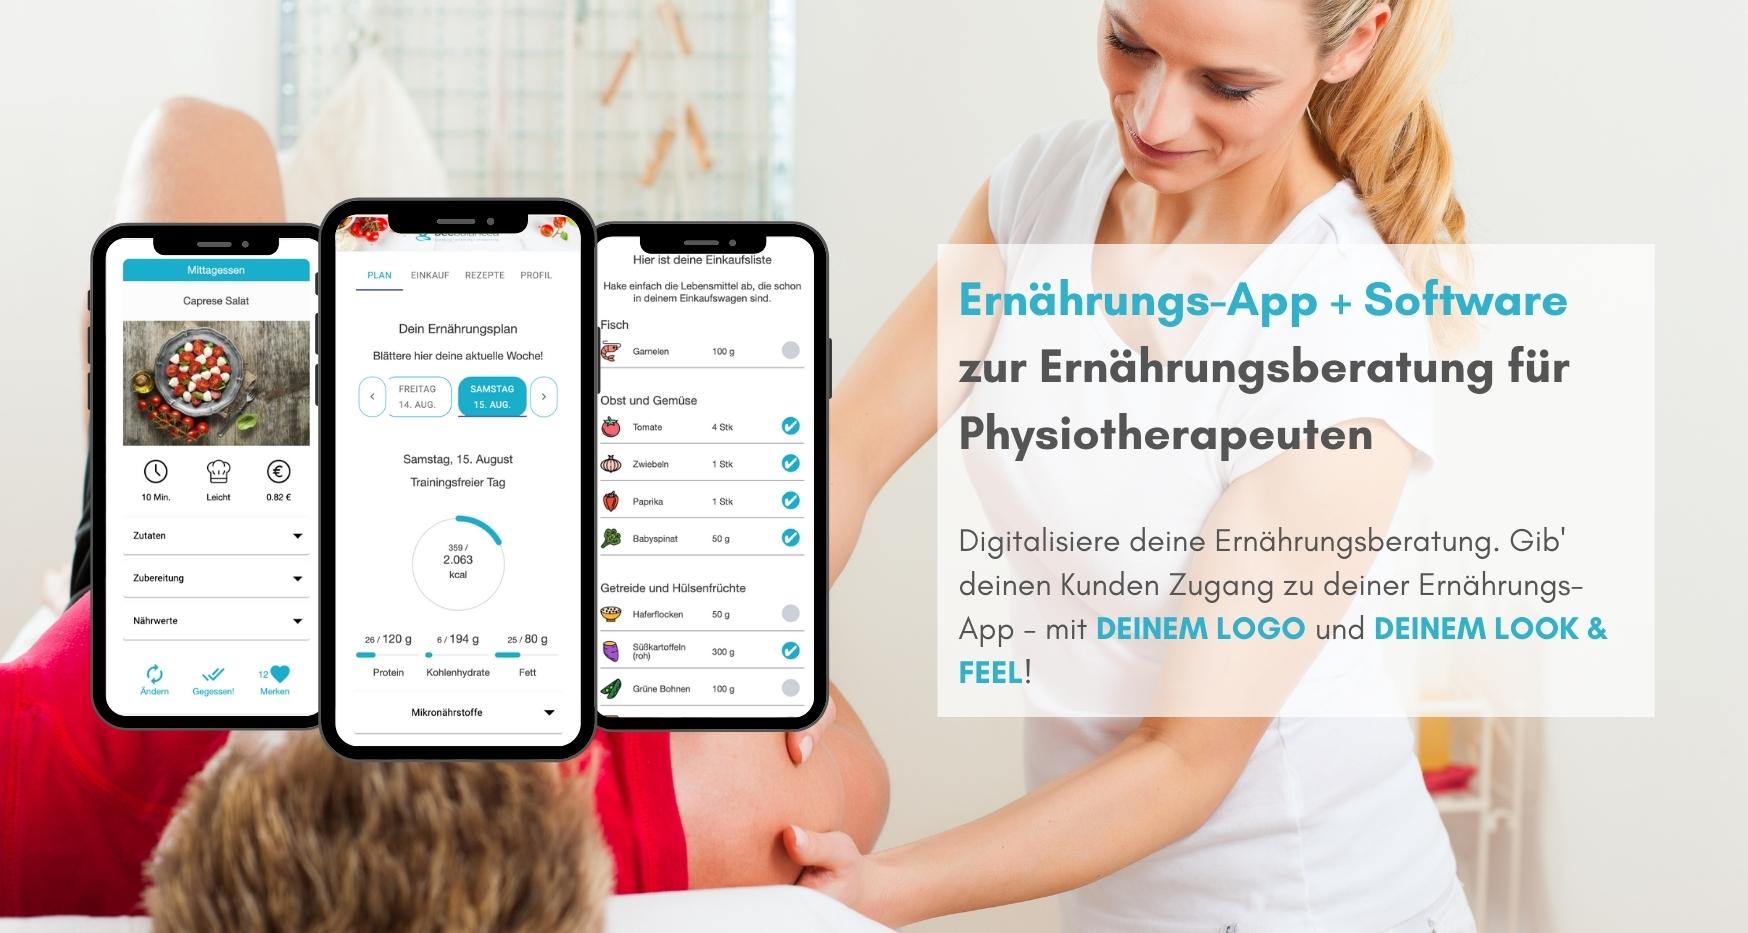 Ernährungs-App für Physiotherapie als Software für Ernährungsberatung - Ernährungspläne erstellen leicht gemacht